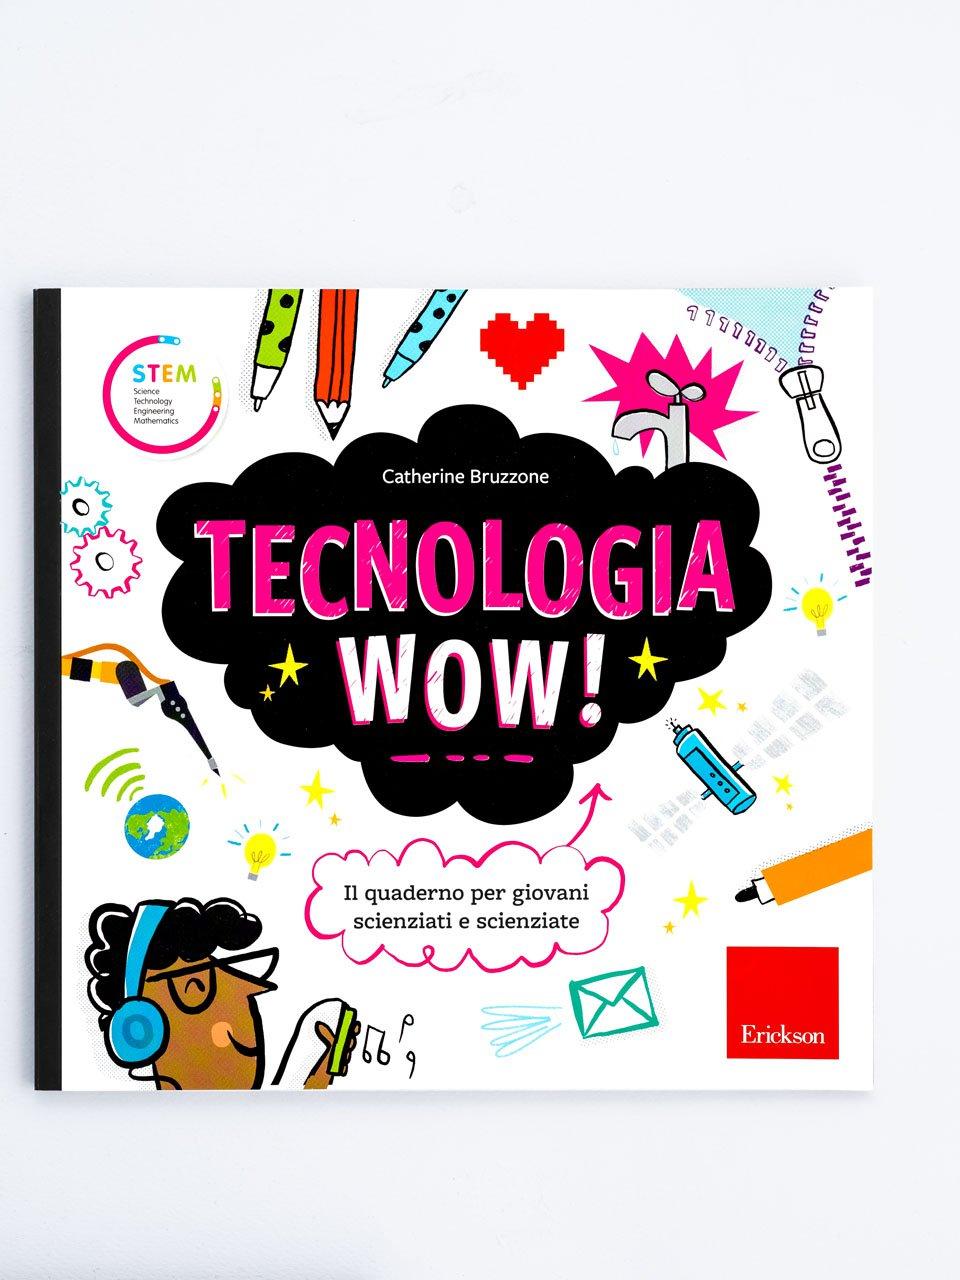 Tecnologia Wow! - Il mago dei numeri - App e software - Erickson